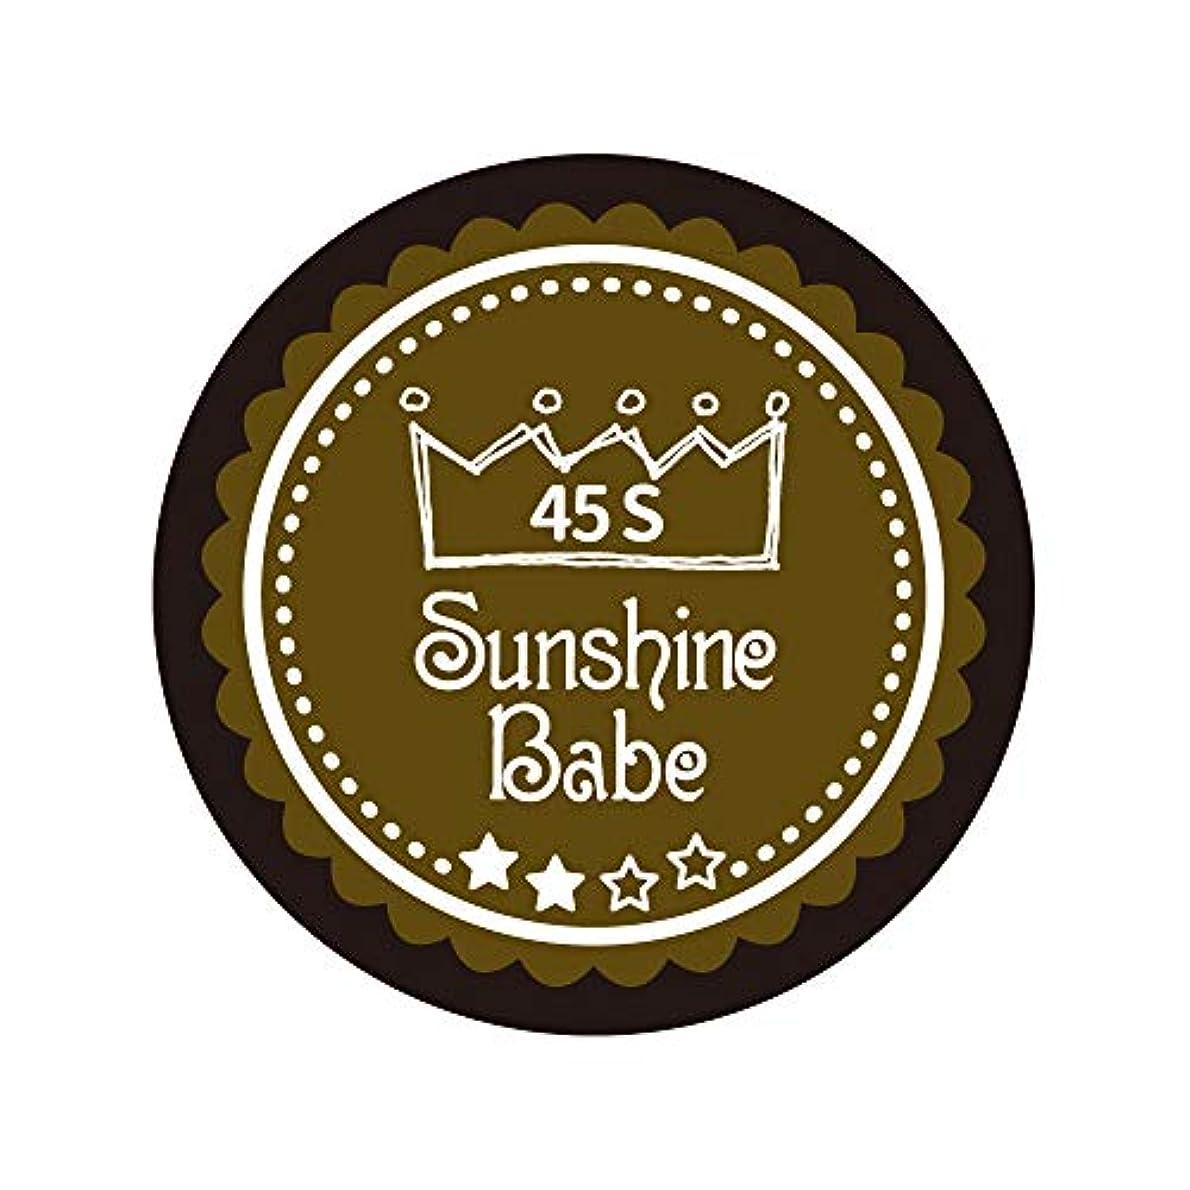 道徳海里頬骨Sunshine Babe カラージェル 45S マティーニオリーブ 2.7g UV/LED対応